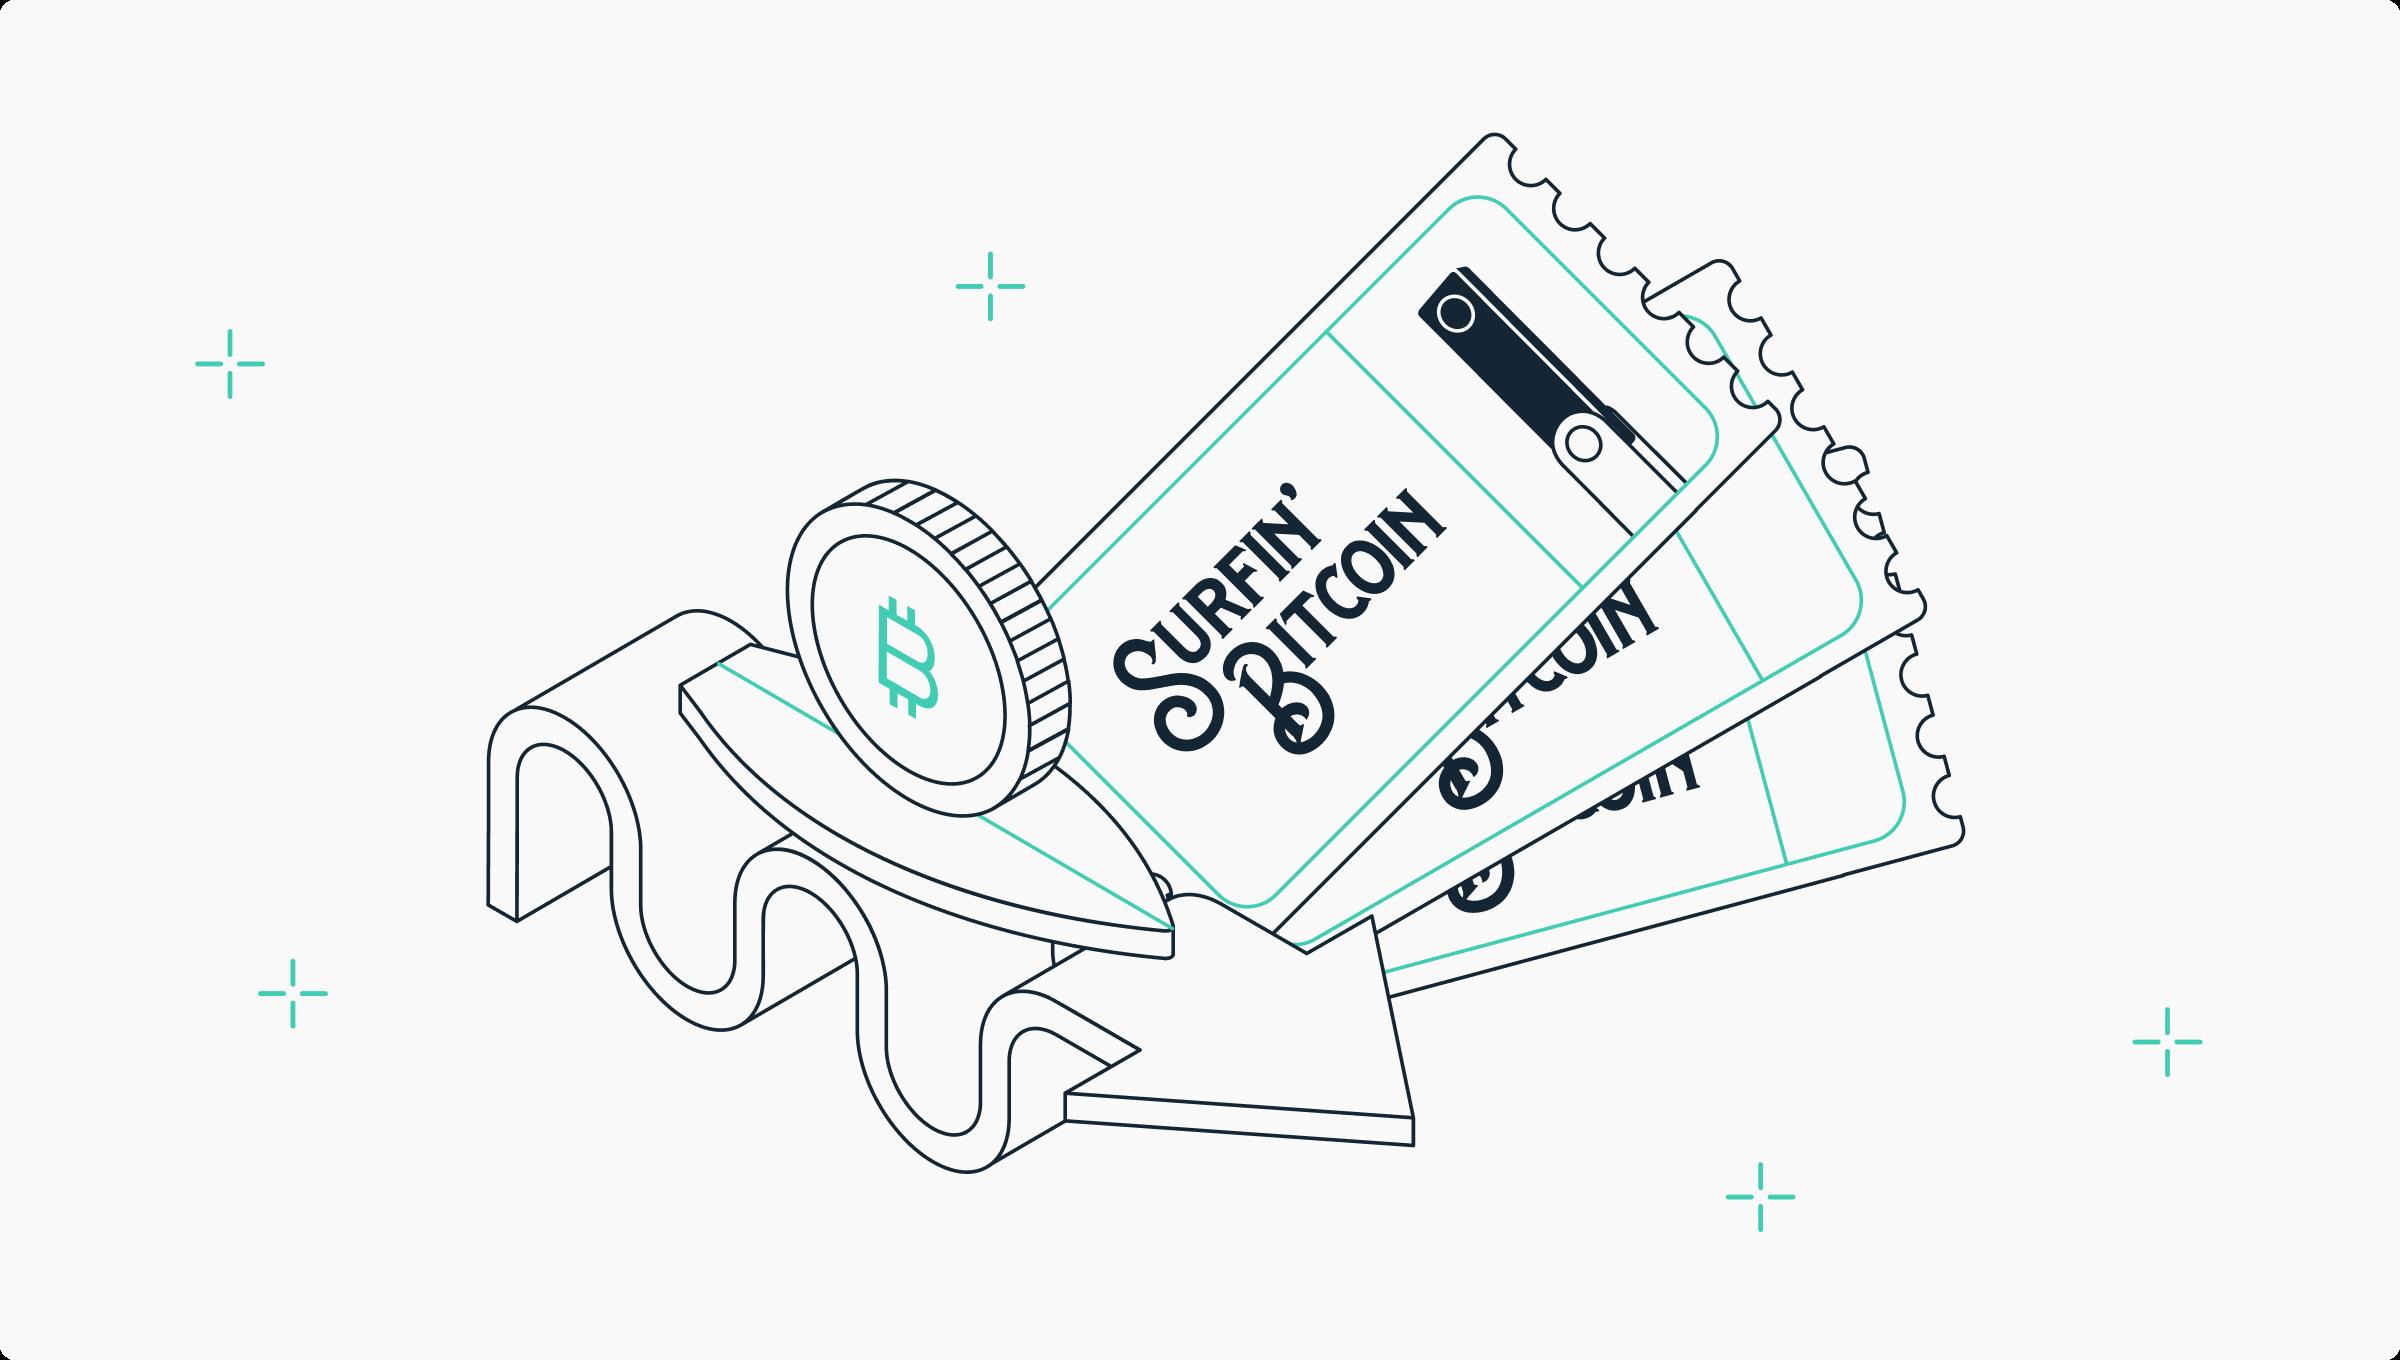 Participez au concours SurfinBitcoin x Ledger et gagnez des tickets pour l'événement Surfin Bitcoin à Biarritz !